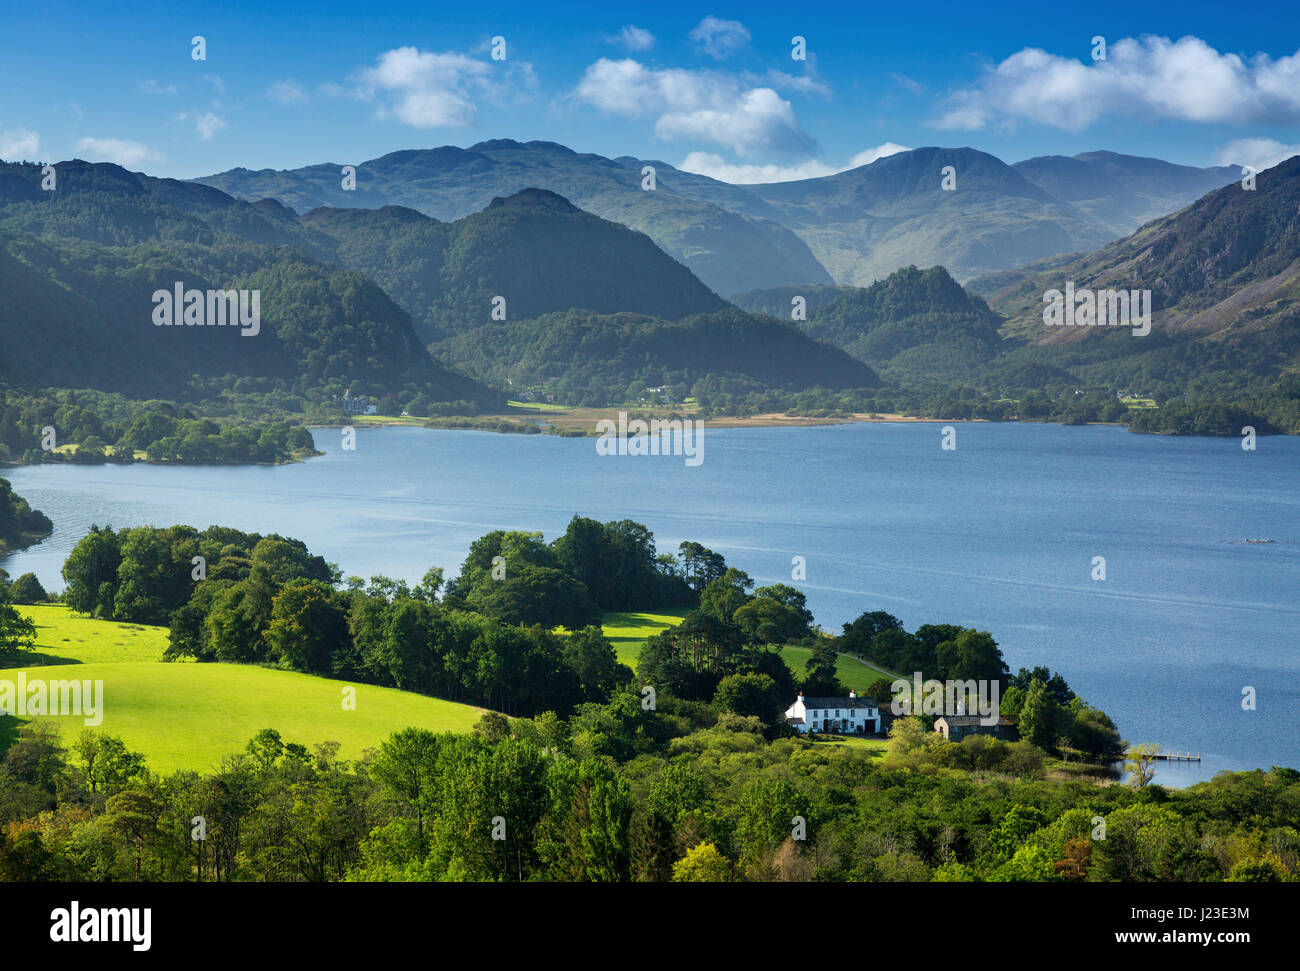 Derwentwater, Lake District, England, Regno Unito - Lake District inglese, Derwent Water scena di paesaggio Immagini Stock